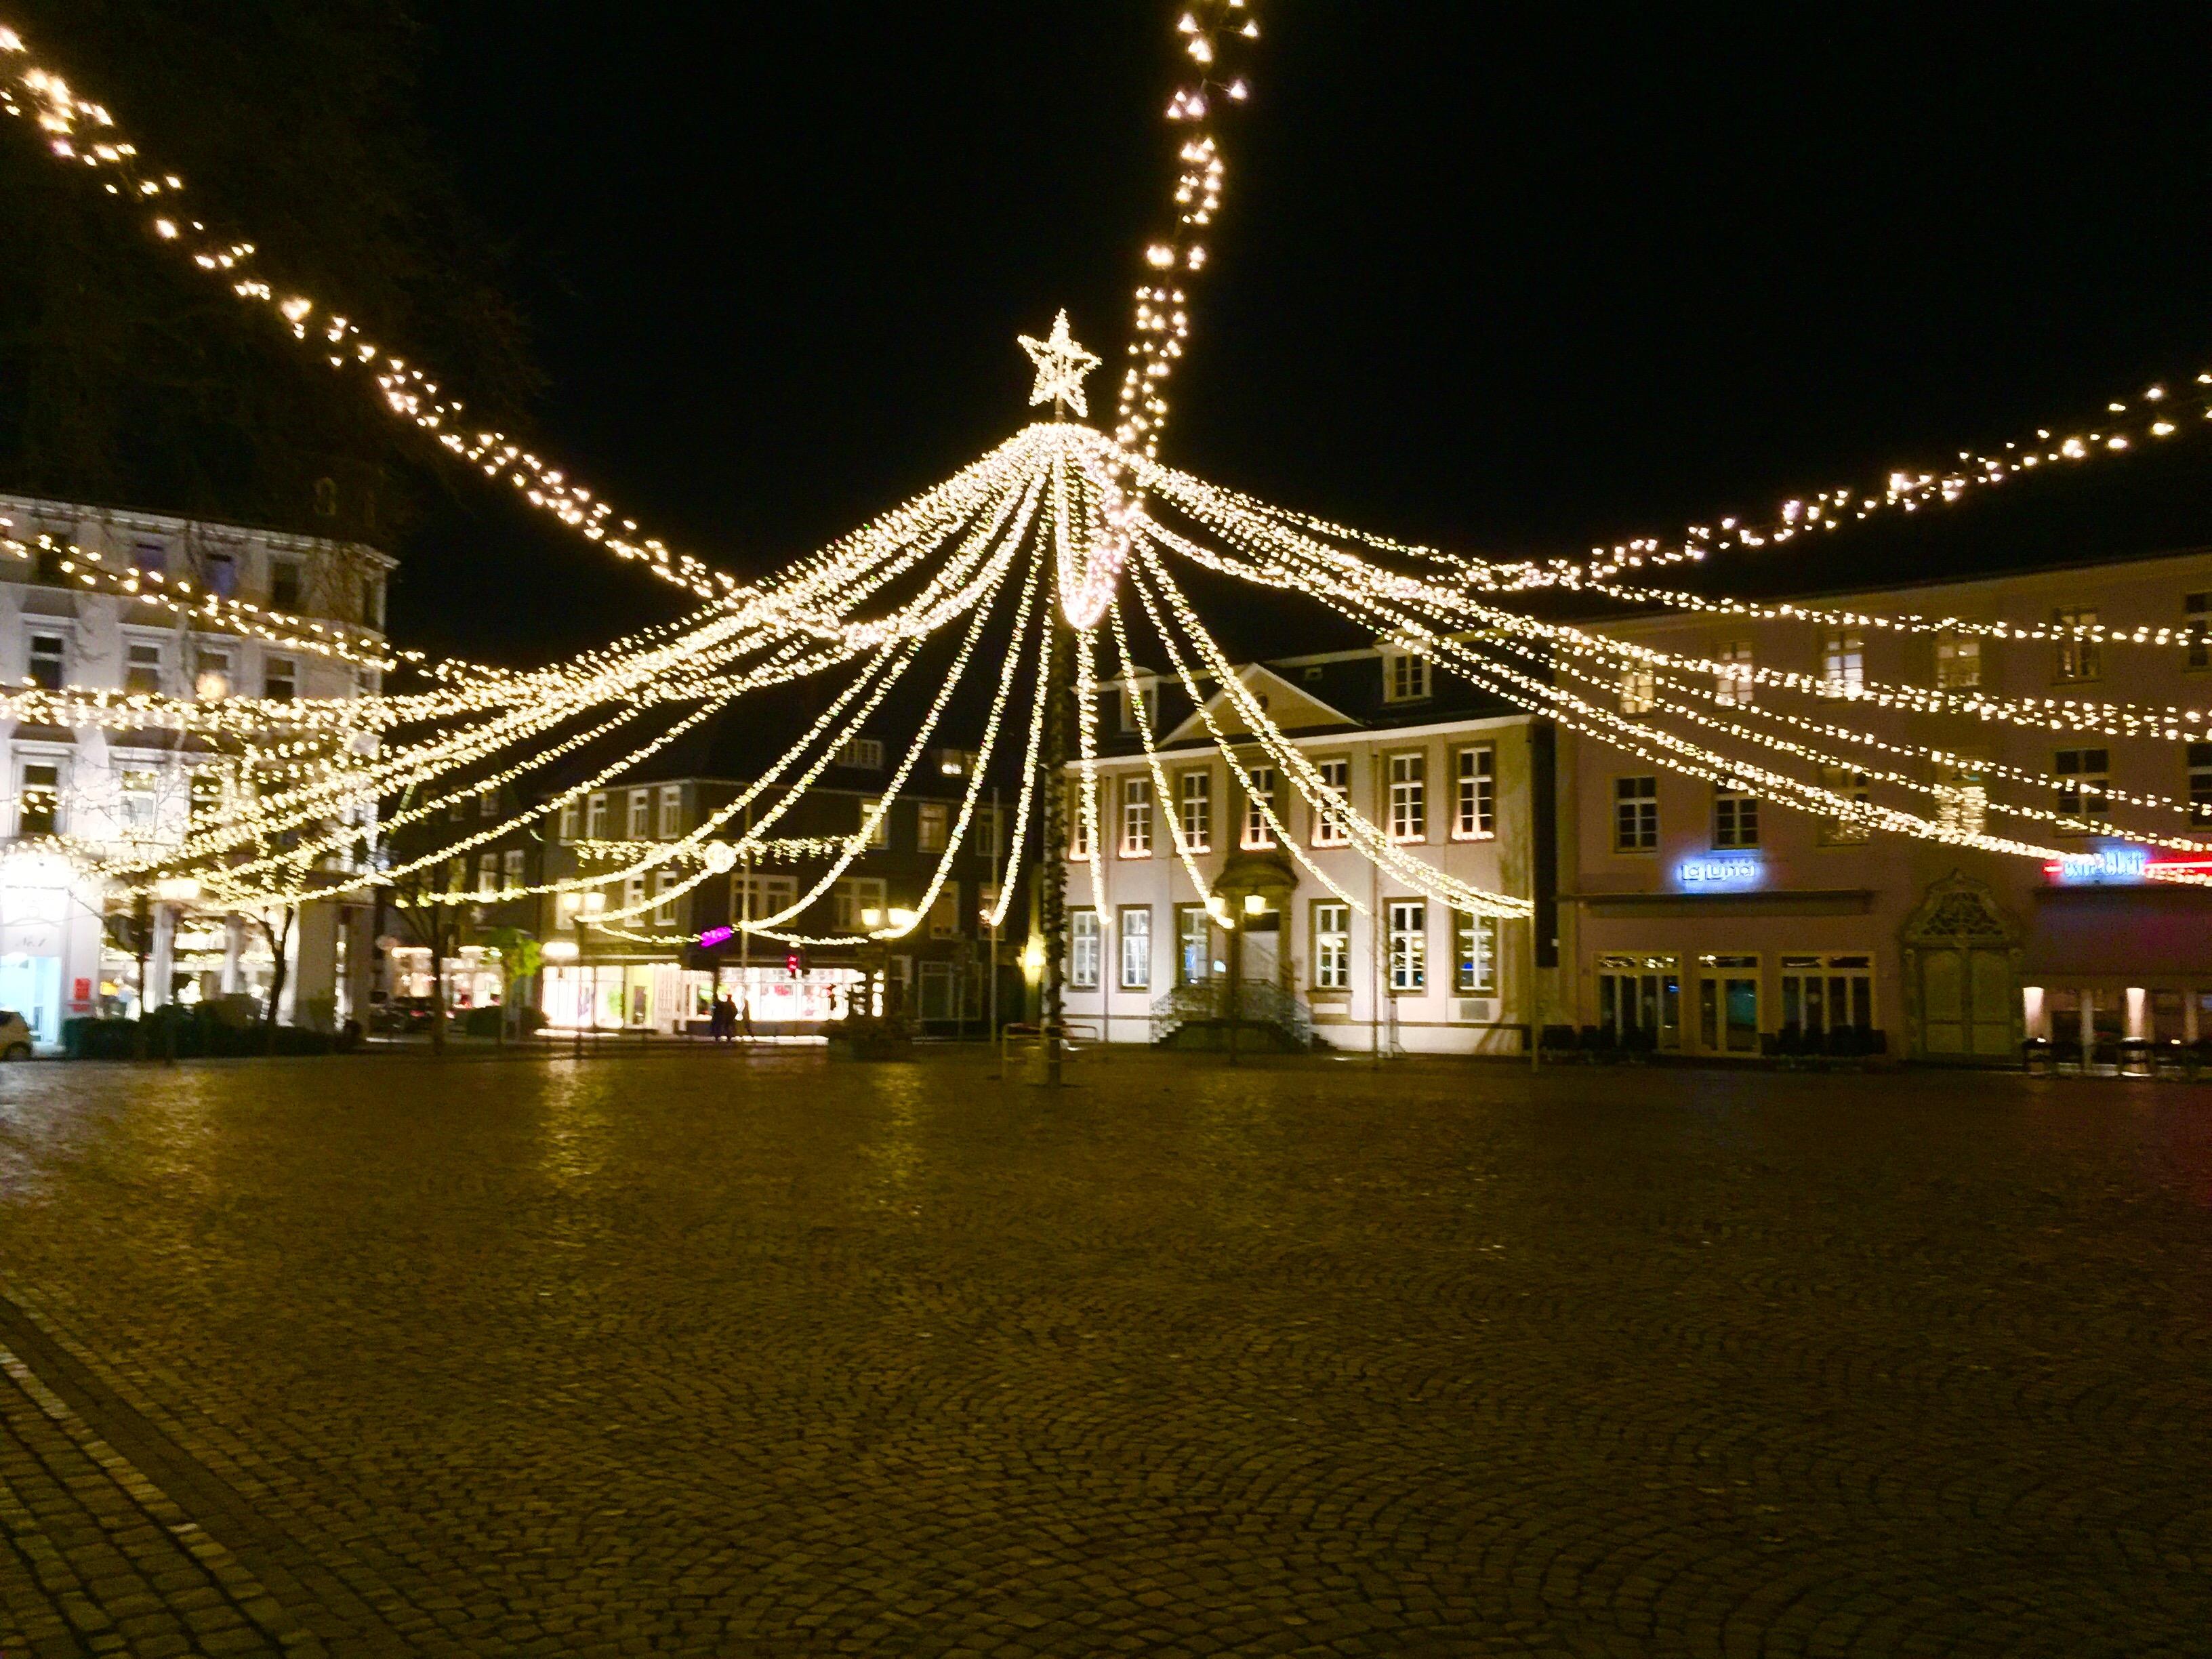 Der Rathausplatz in Lippstadt wartet auf den Weihnachtsmarkt